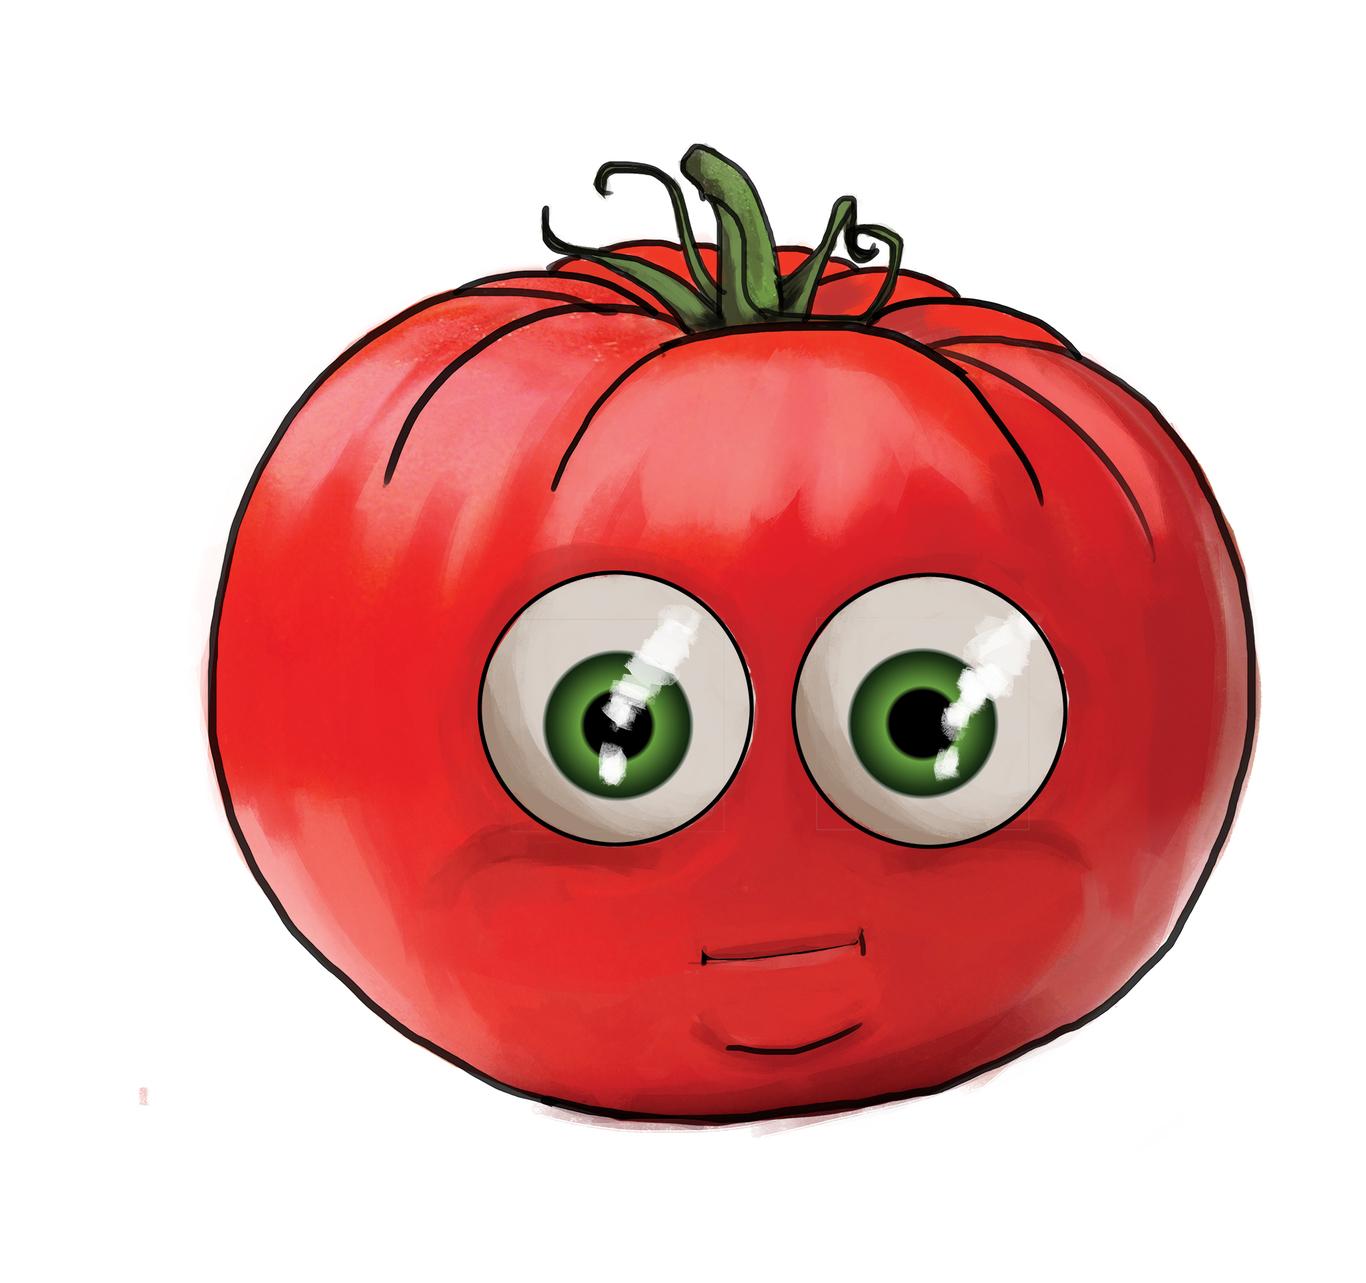 картинка помидор рисовать можете выбрать один